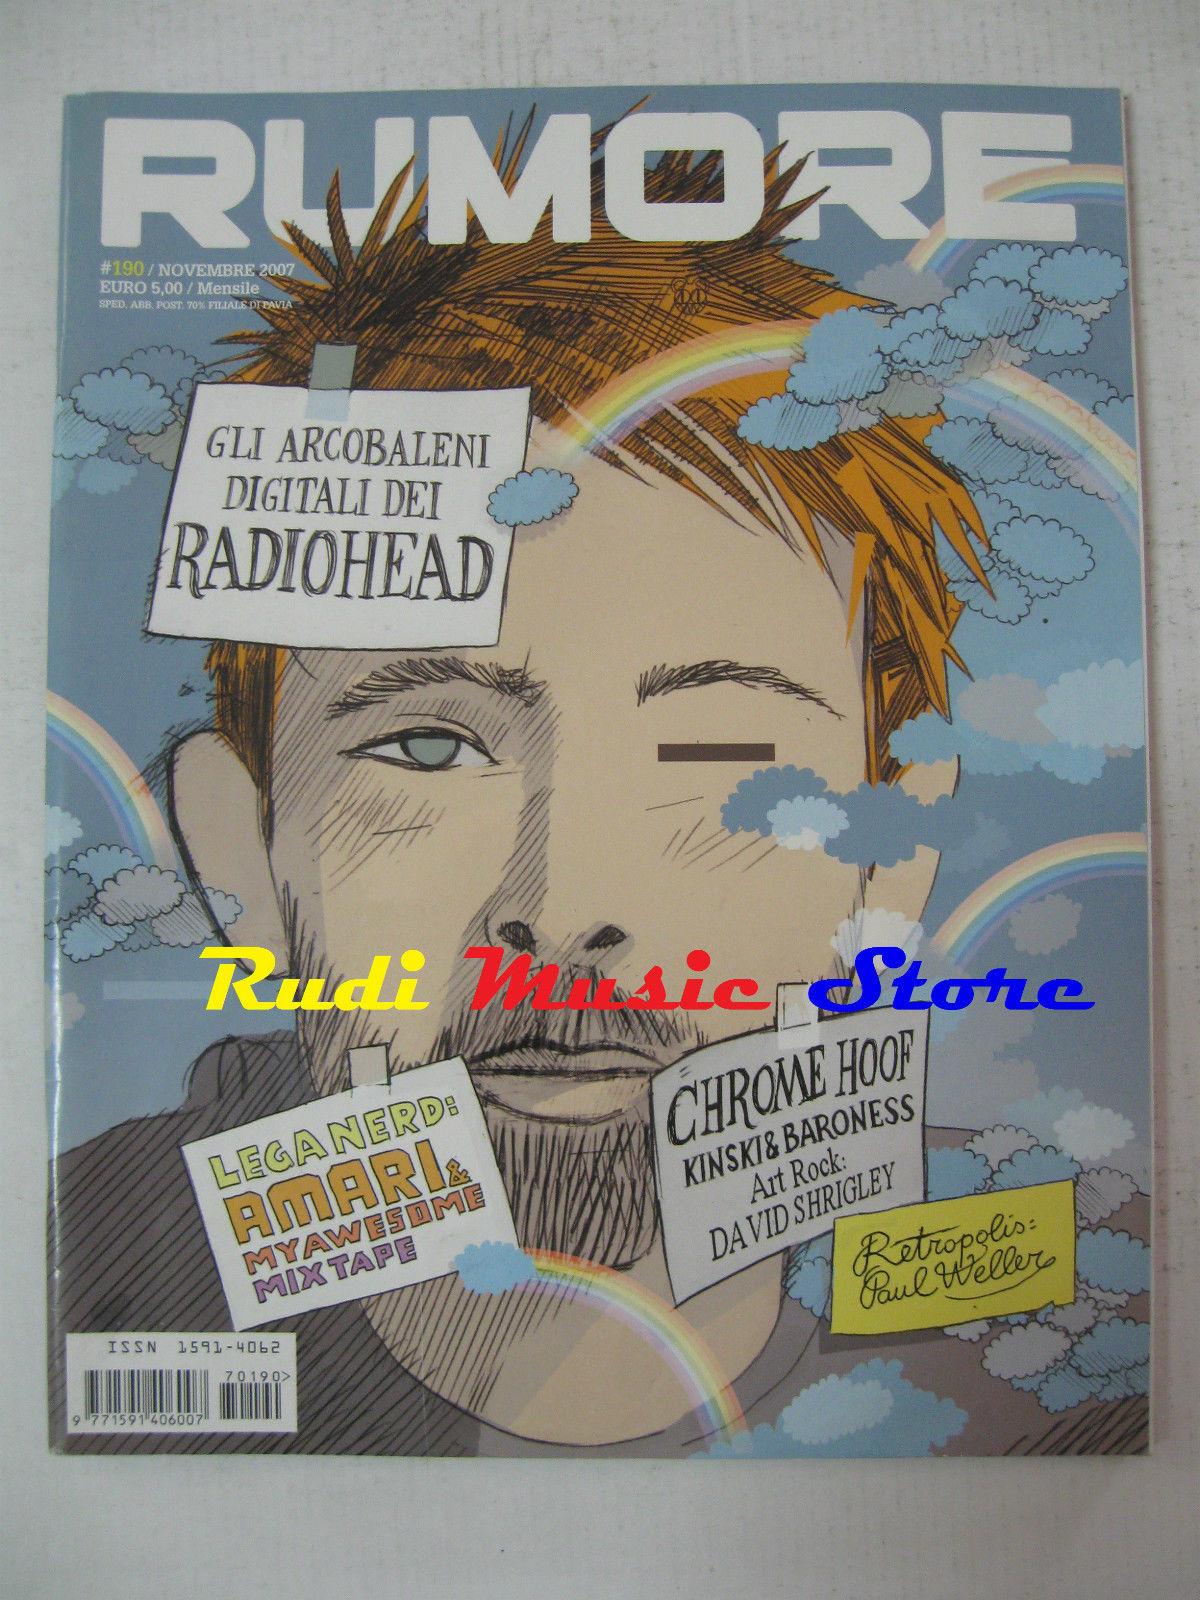 Rumore # 190 Novembre 2007